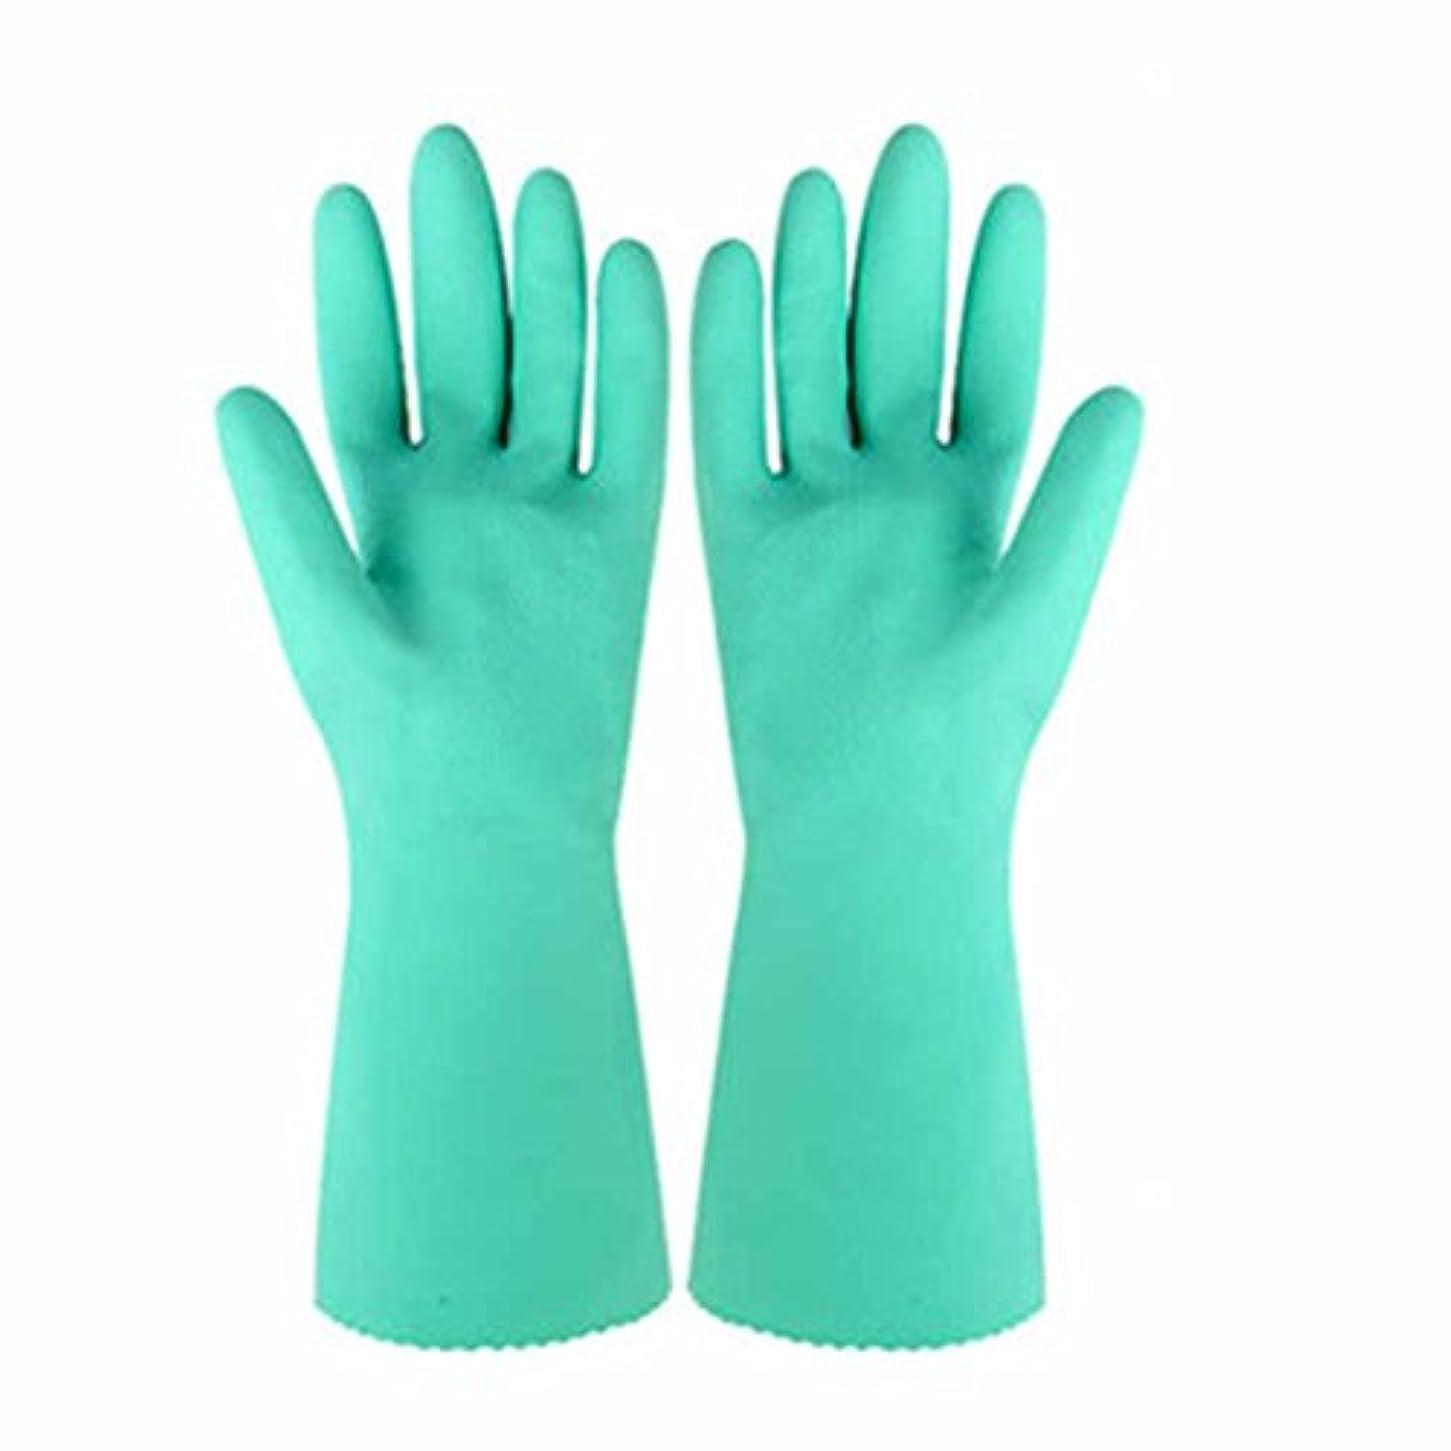 第五蓮知り合い使い捨て手袋 天然ゴム滑り止め耐久手袋キッチン多機能防水アンチオイル手袋 (Size : Four)